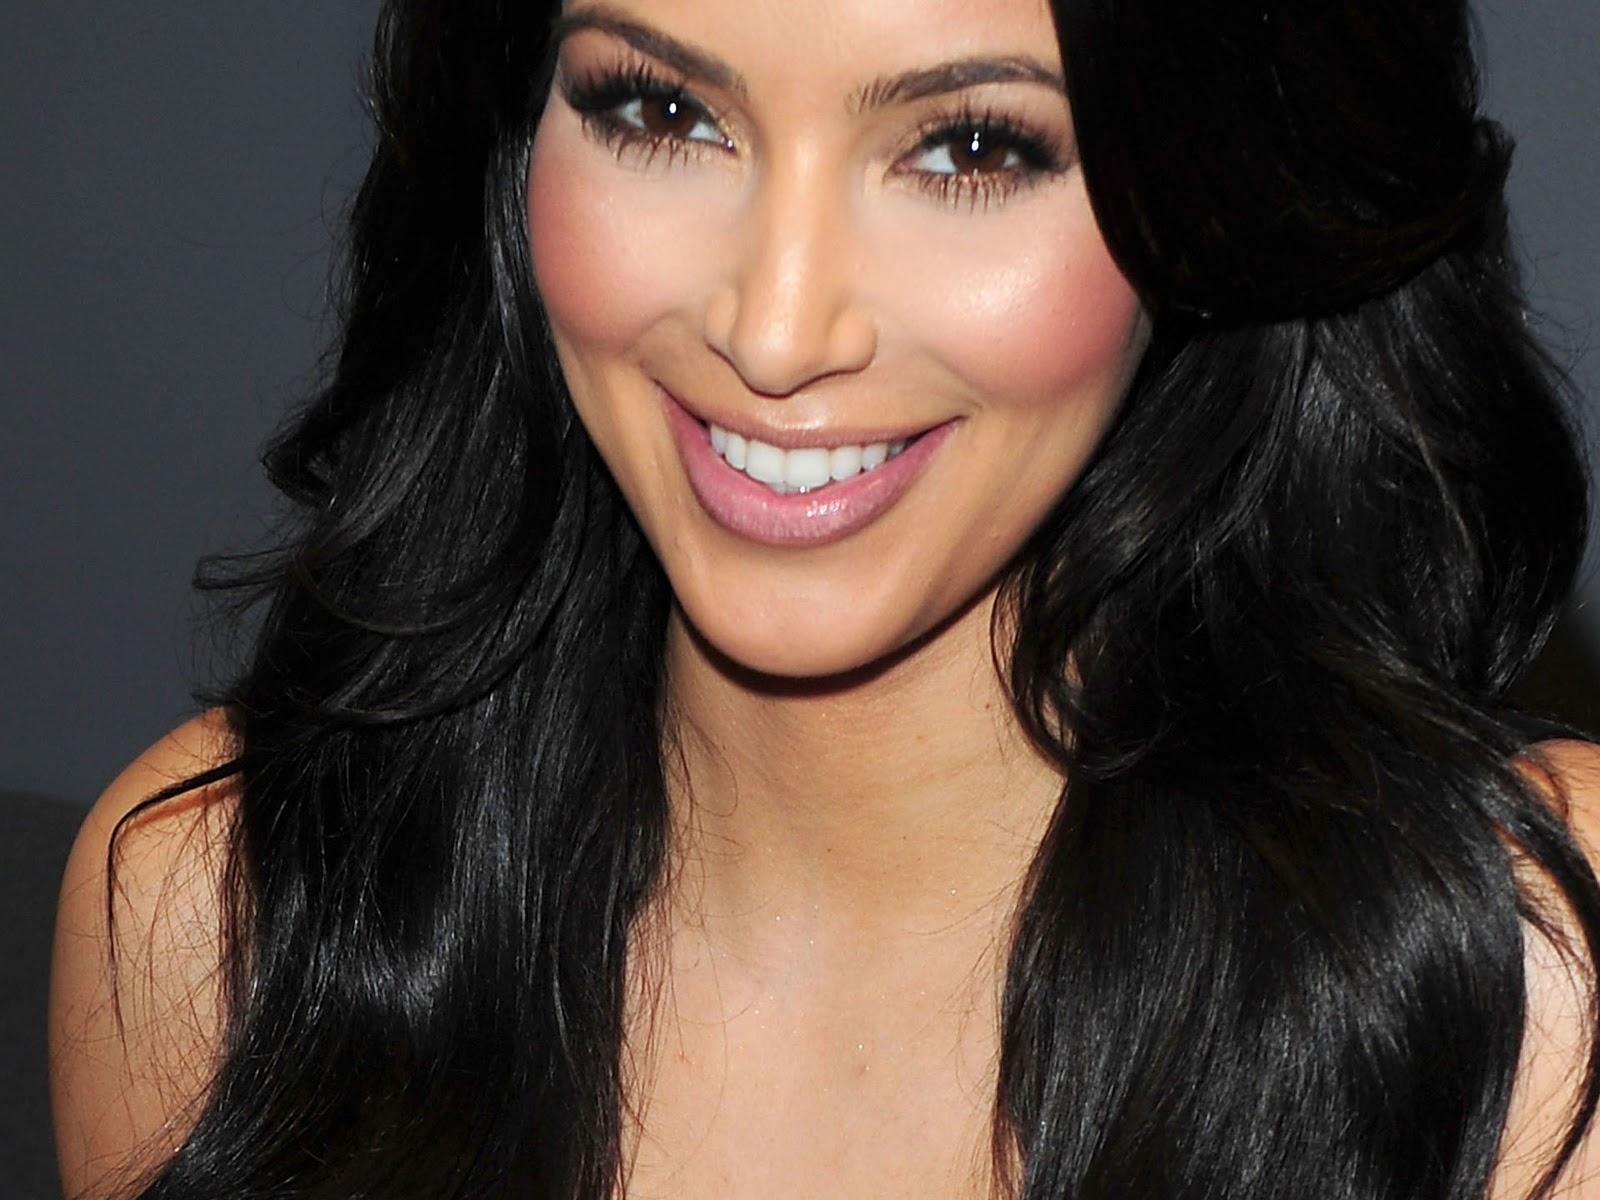 http://2.bp.blogspot.com/-1FqCvwLT0d4/UNrinY_pKuI/AAAAAAAAK3E/hR2pHkXWjBs/s1600/Kim-Kardashian-Hot-Wallpapers-3.jpg